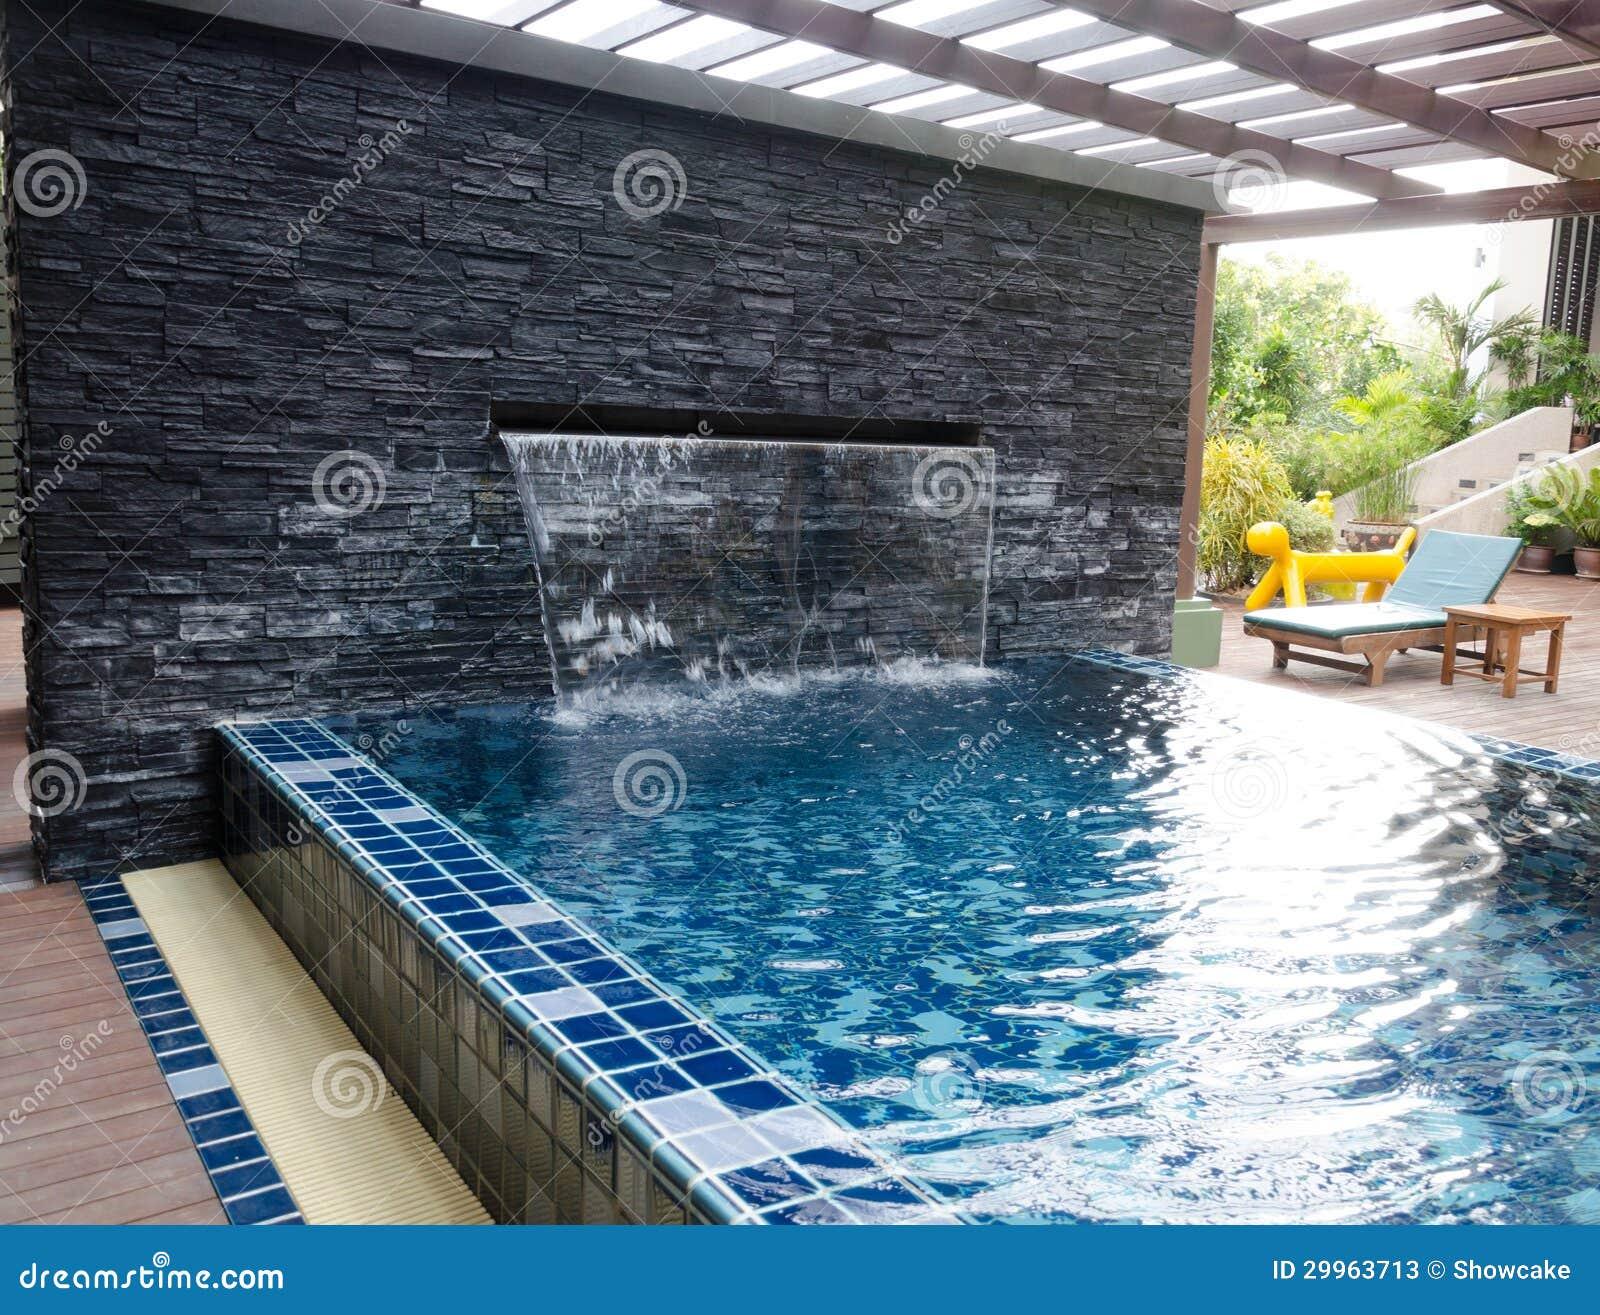 Casa con la piscina y el patio trasero imagen de archivo for Piscinas en el patio de la casa